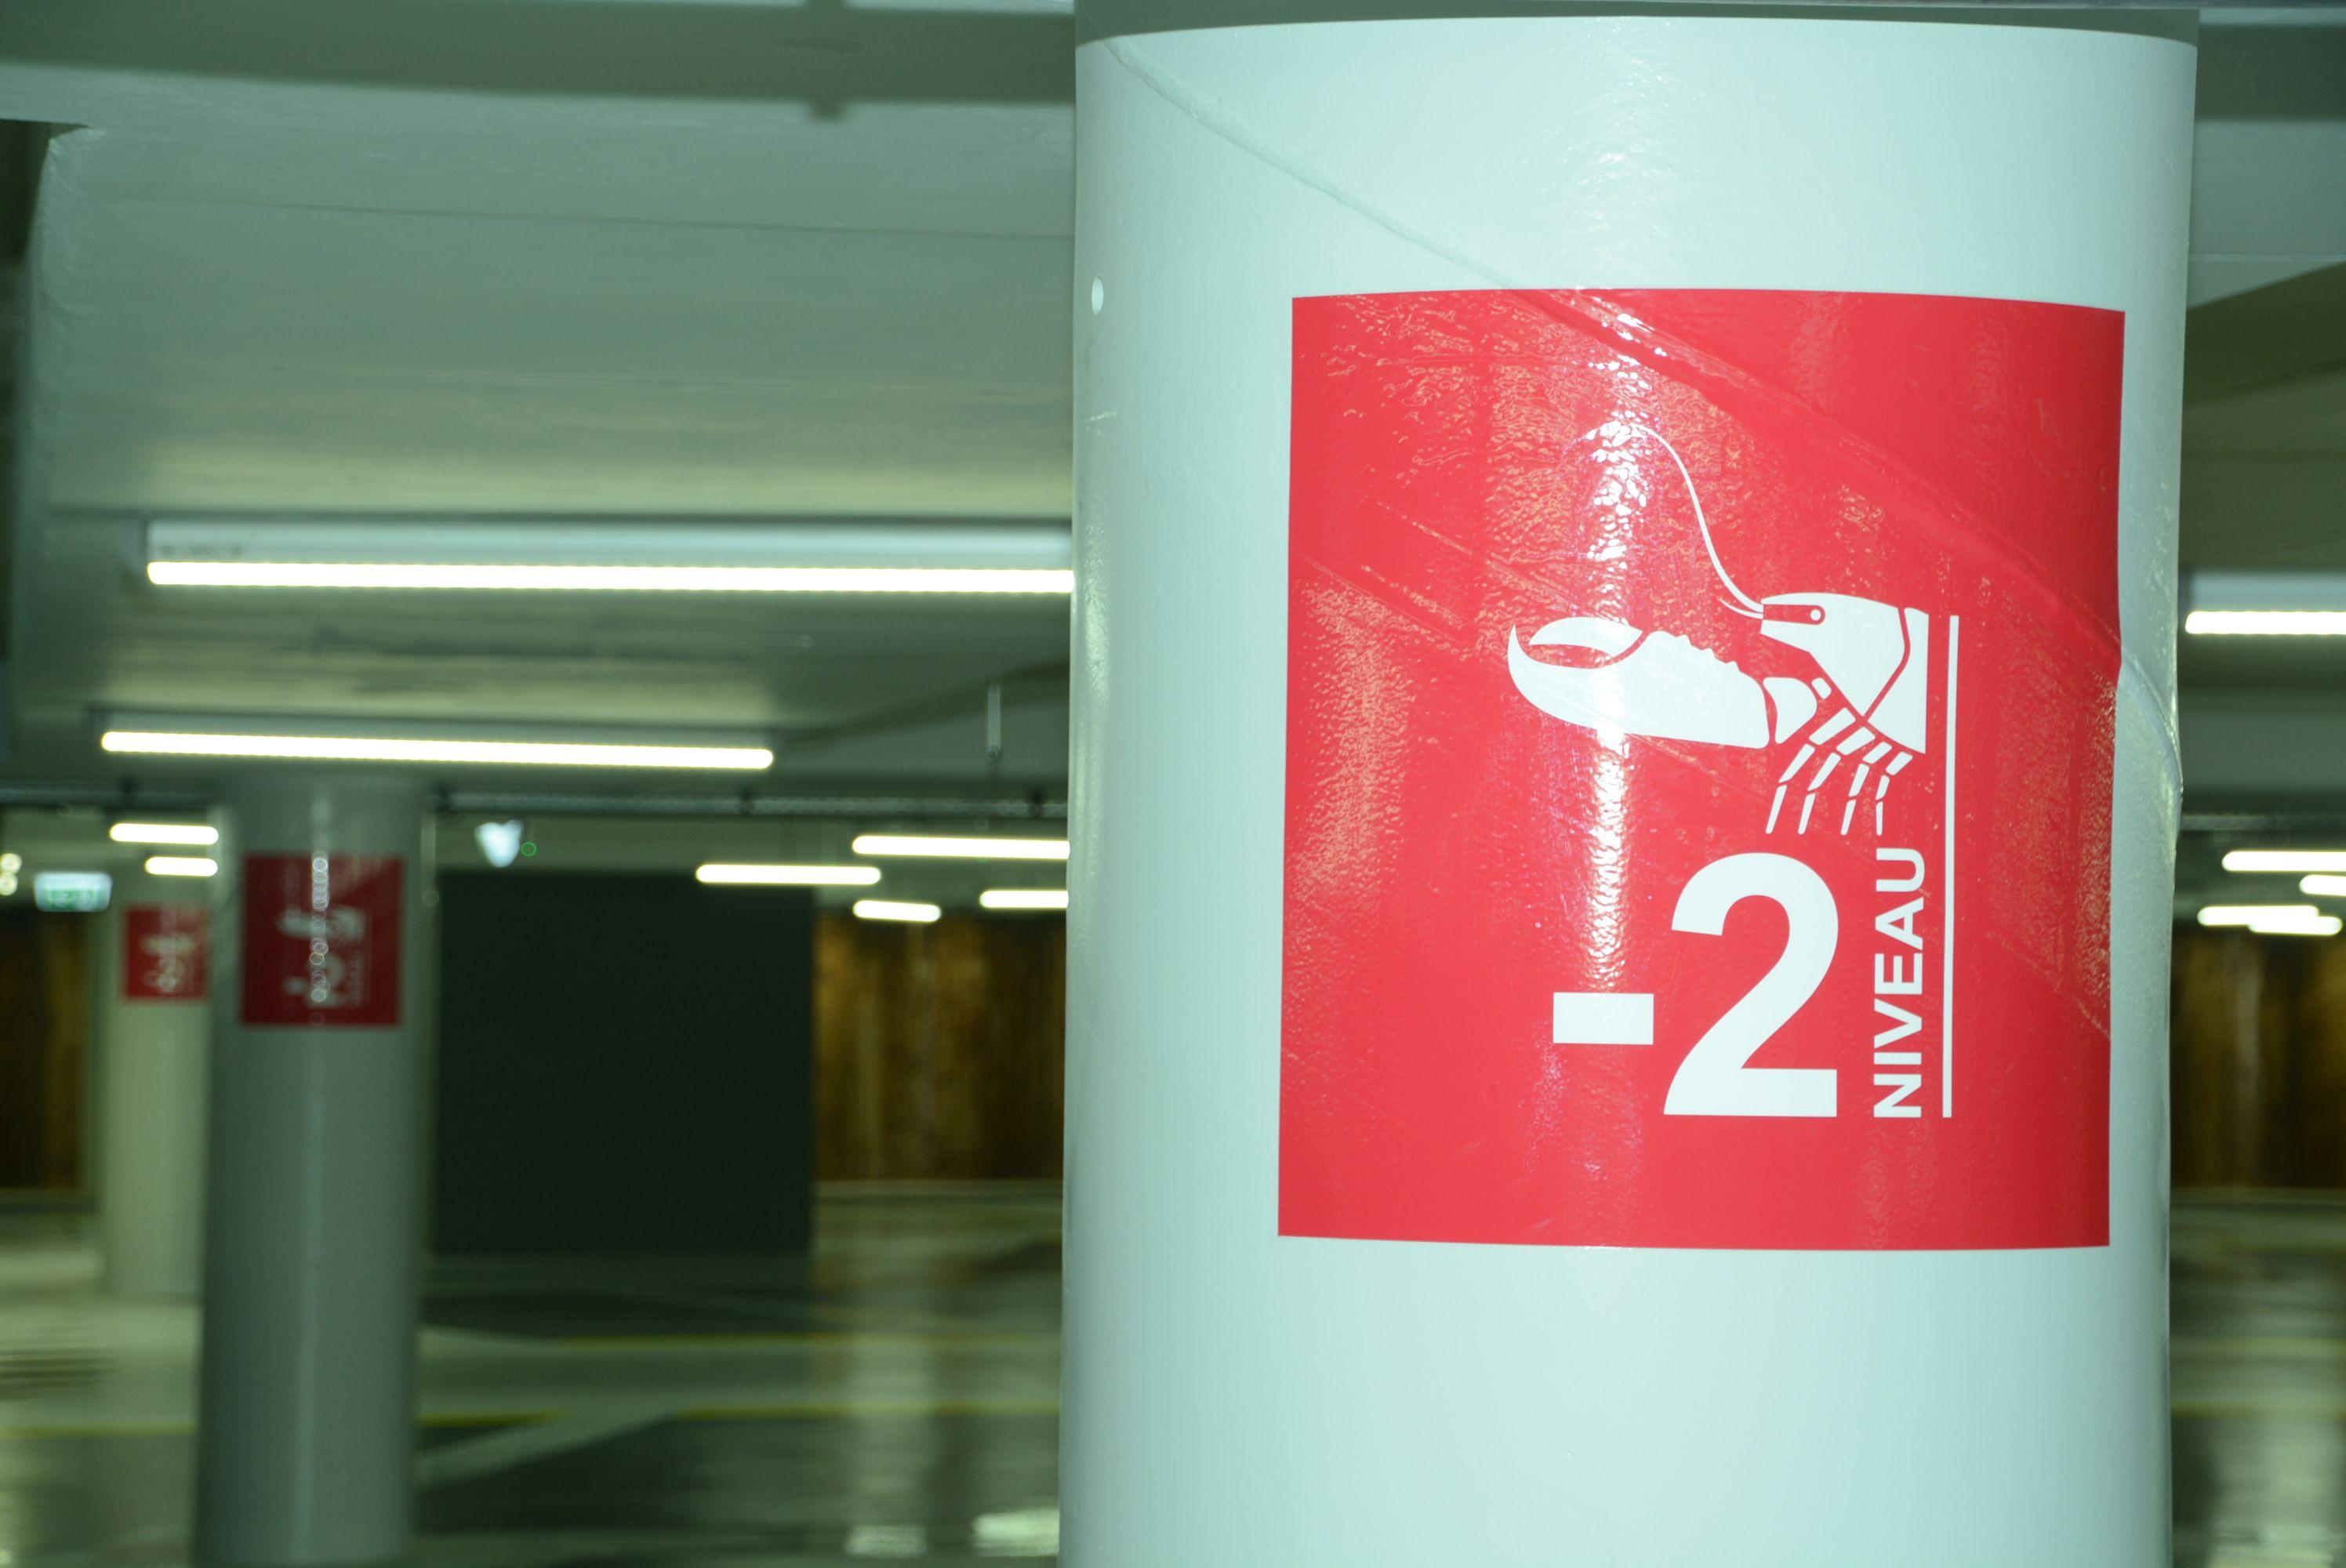 Rotterdam Markthalle MVRDV GrachtenundGiebelHollandBlogNiederlandeRalfJohnenZuidHollandArchitekturKoolhaas16